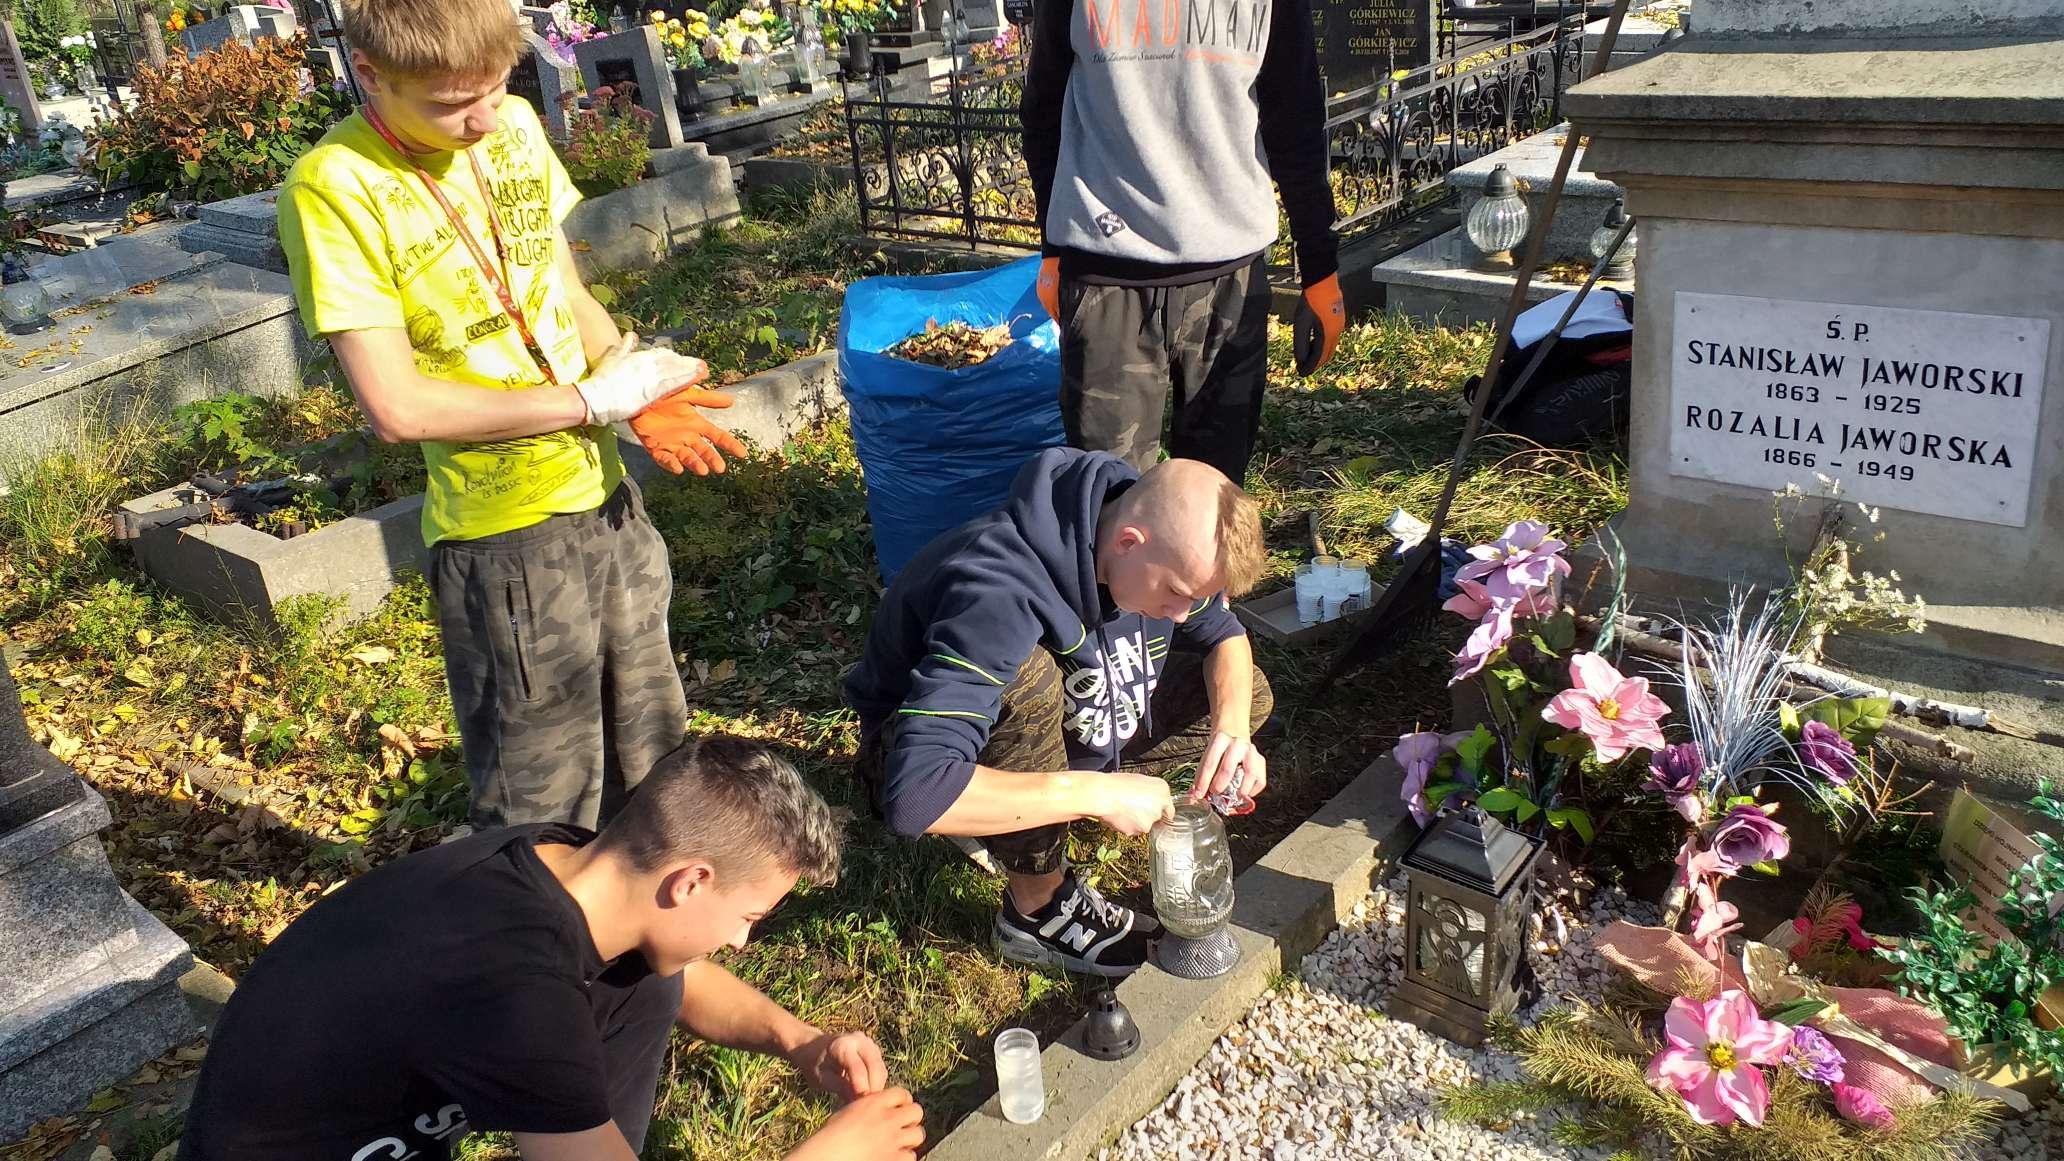 1 listopada tradycyjna kwesta na andrychowskim cmentarzu. Wcześniej młodzież porządkowała groby